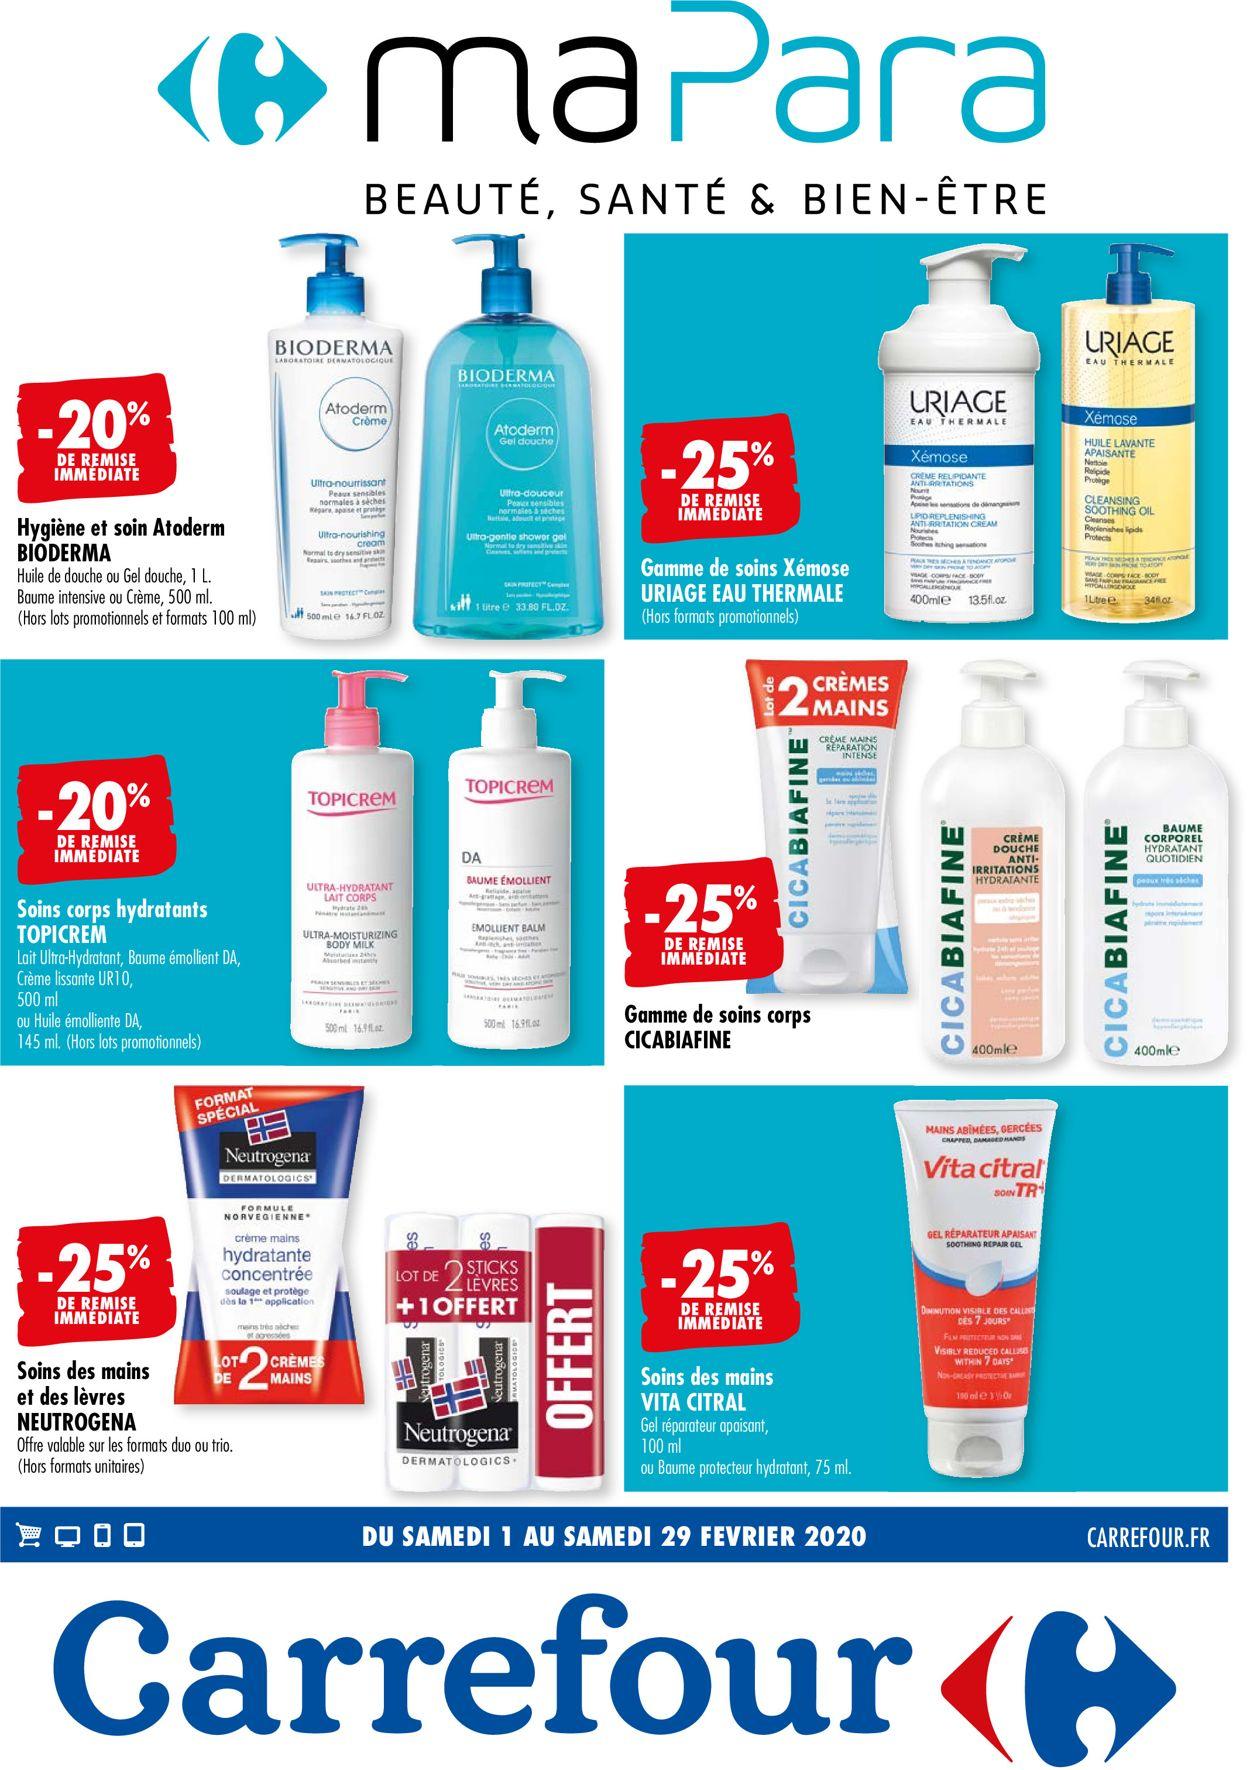 Carrefour Catalogue - 01.02-29.02.2020